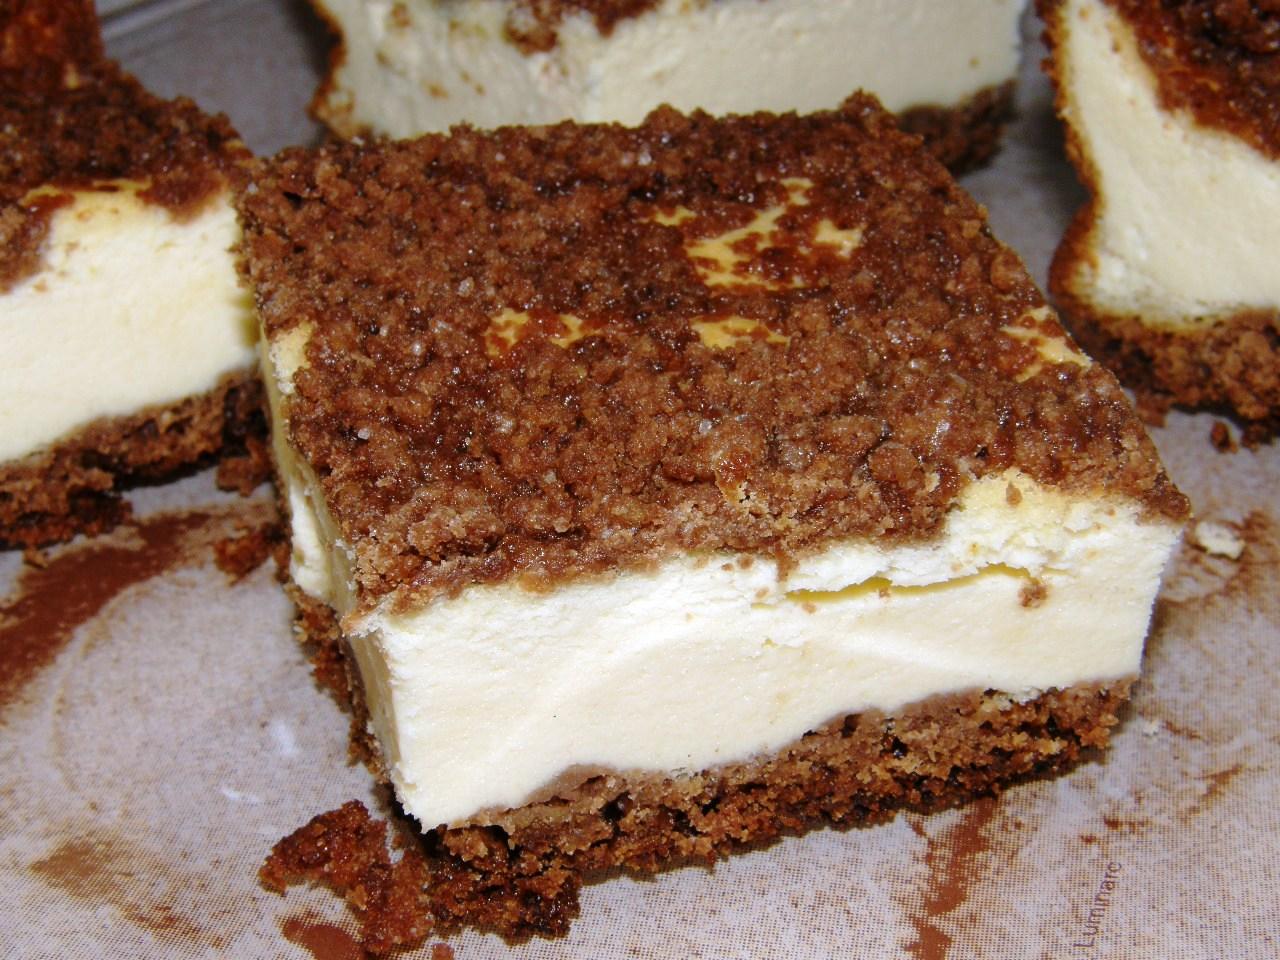 Cea mai buna si mai sanatoasa prajitura cu branza de vaci. Lumea ii spune prajitura SANDVIS